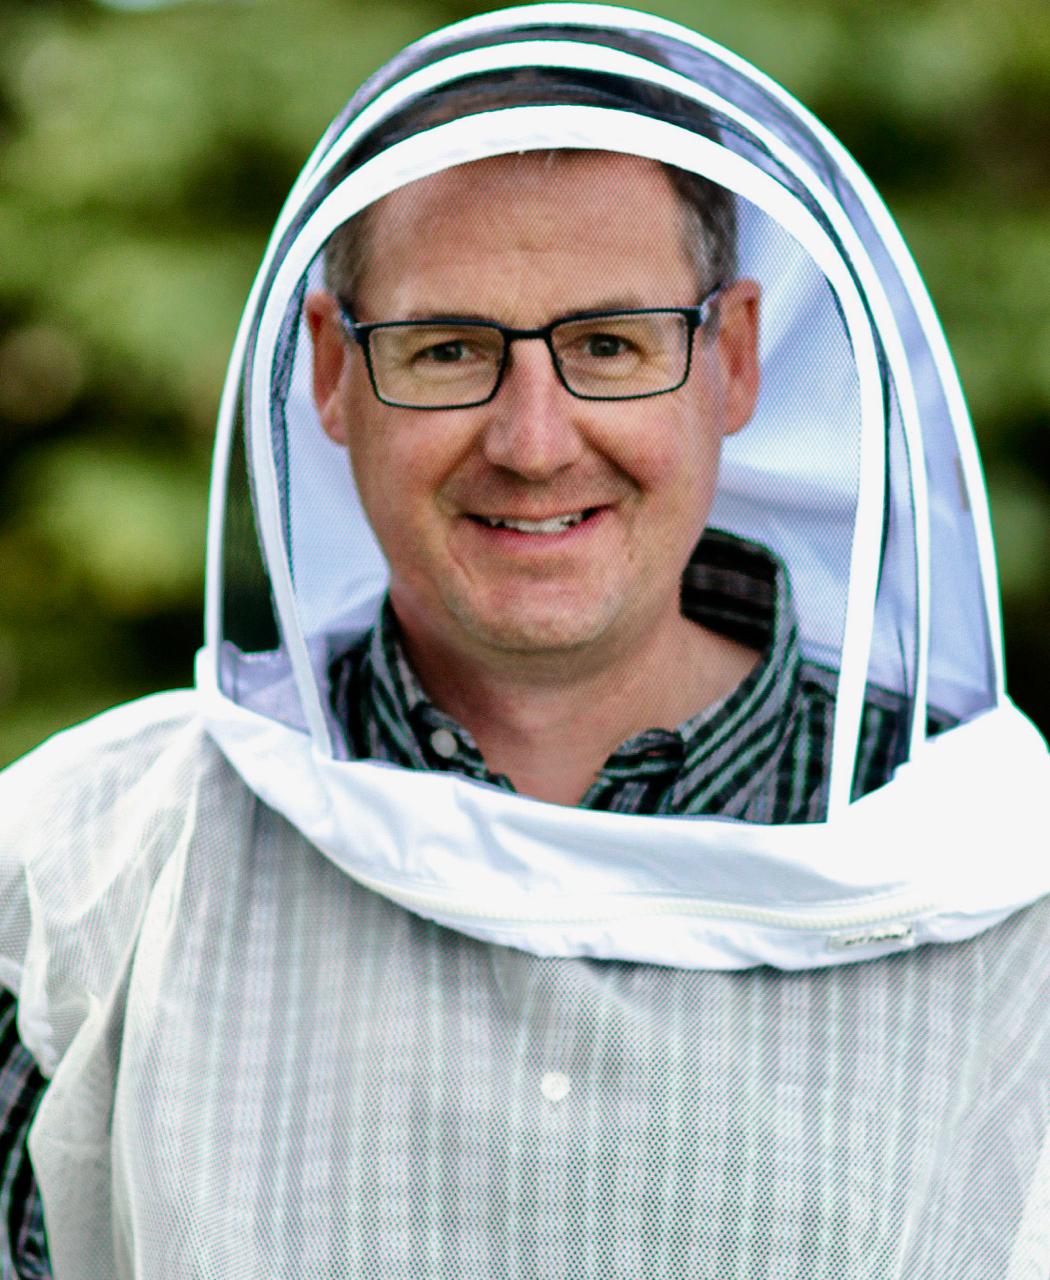 Dr. Steve Pernal